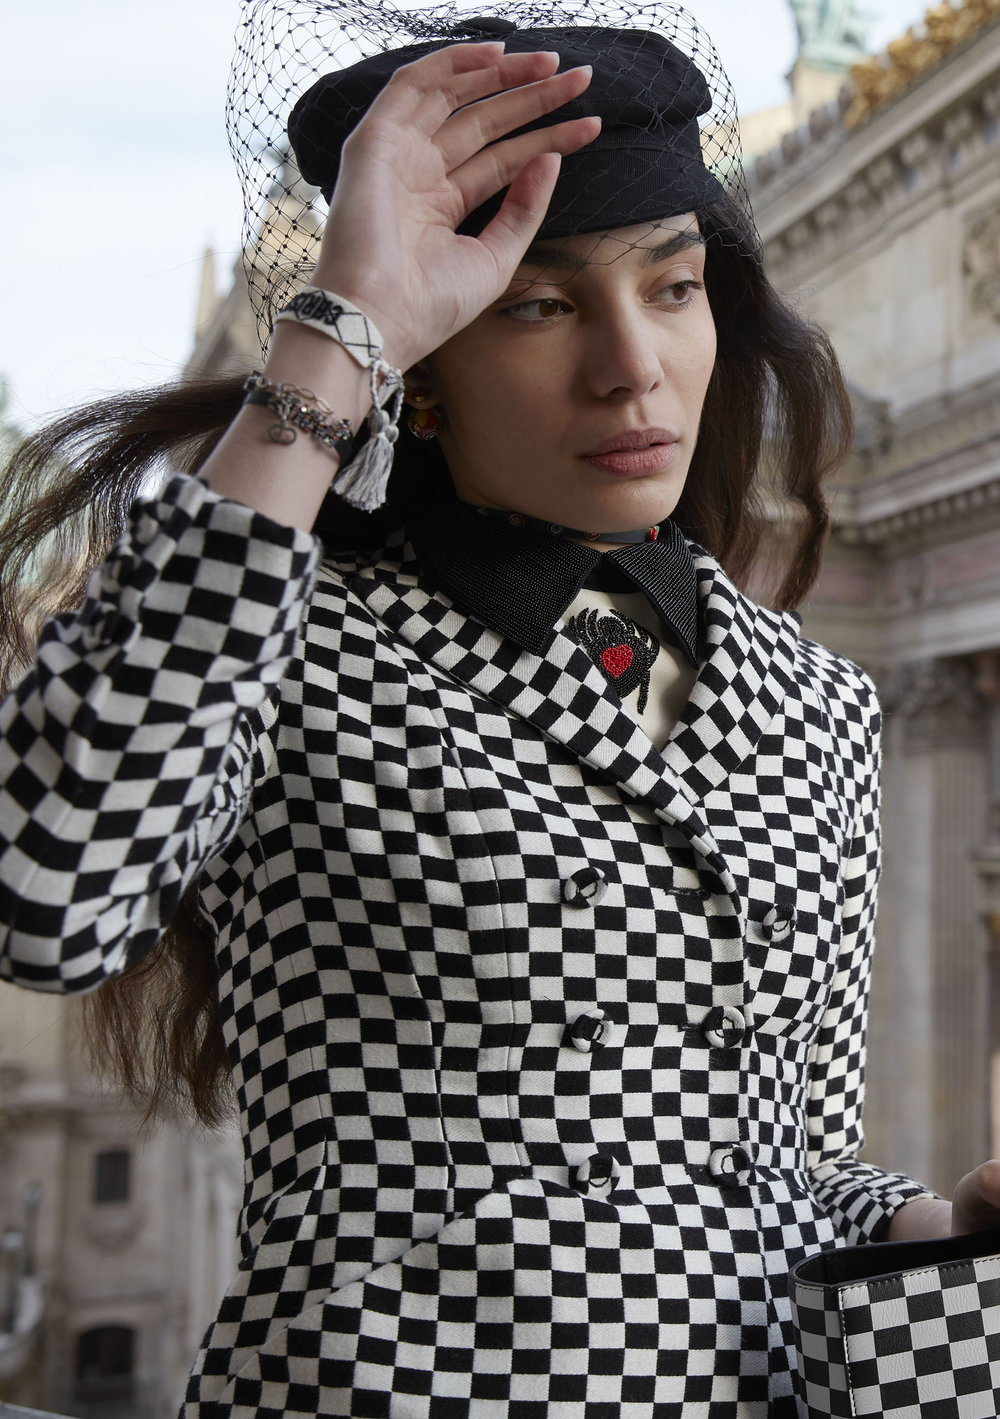 Hia MagazinexDior - Dior 2018, March Issue